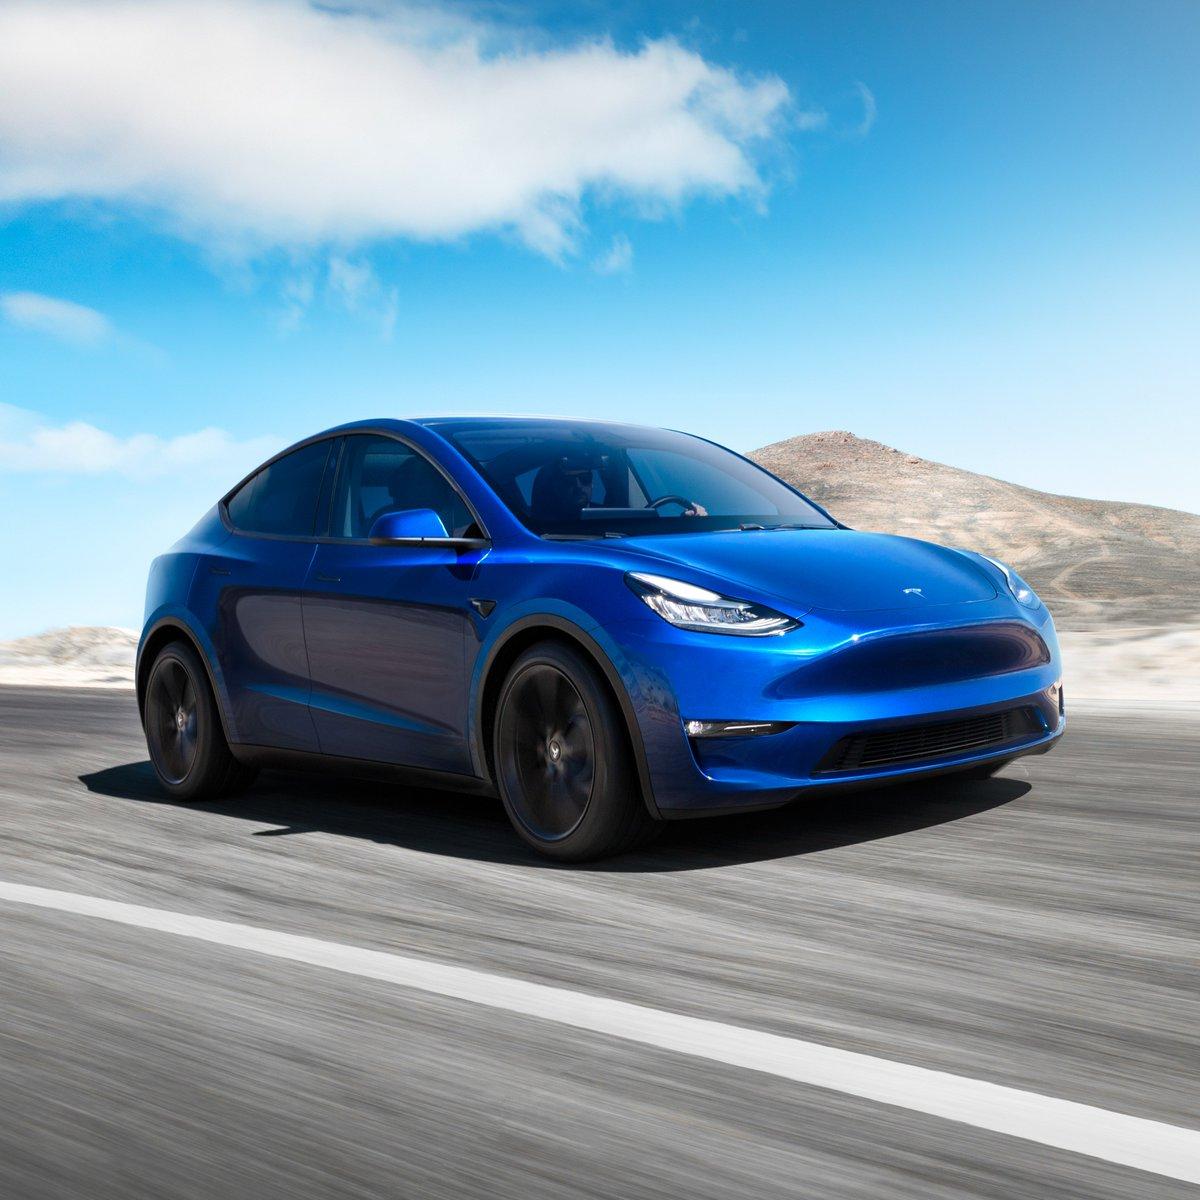 RT @Tesla: Design your Model Y at https://t.co/uK2DU5onT6 https://t.co/MSuDjVmrV0